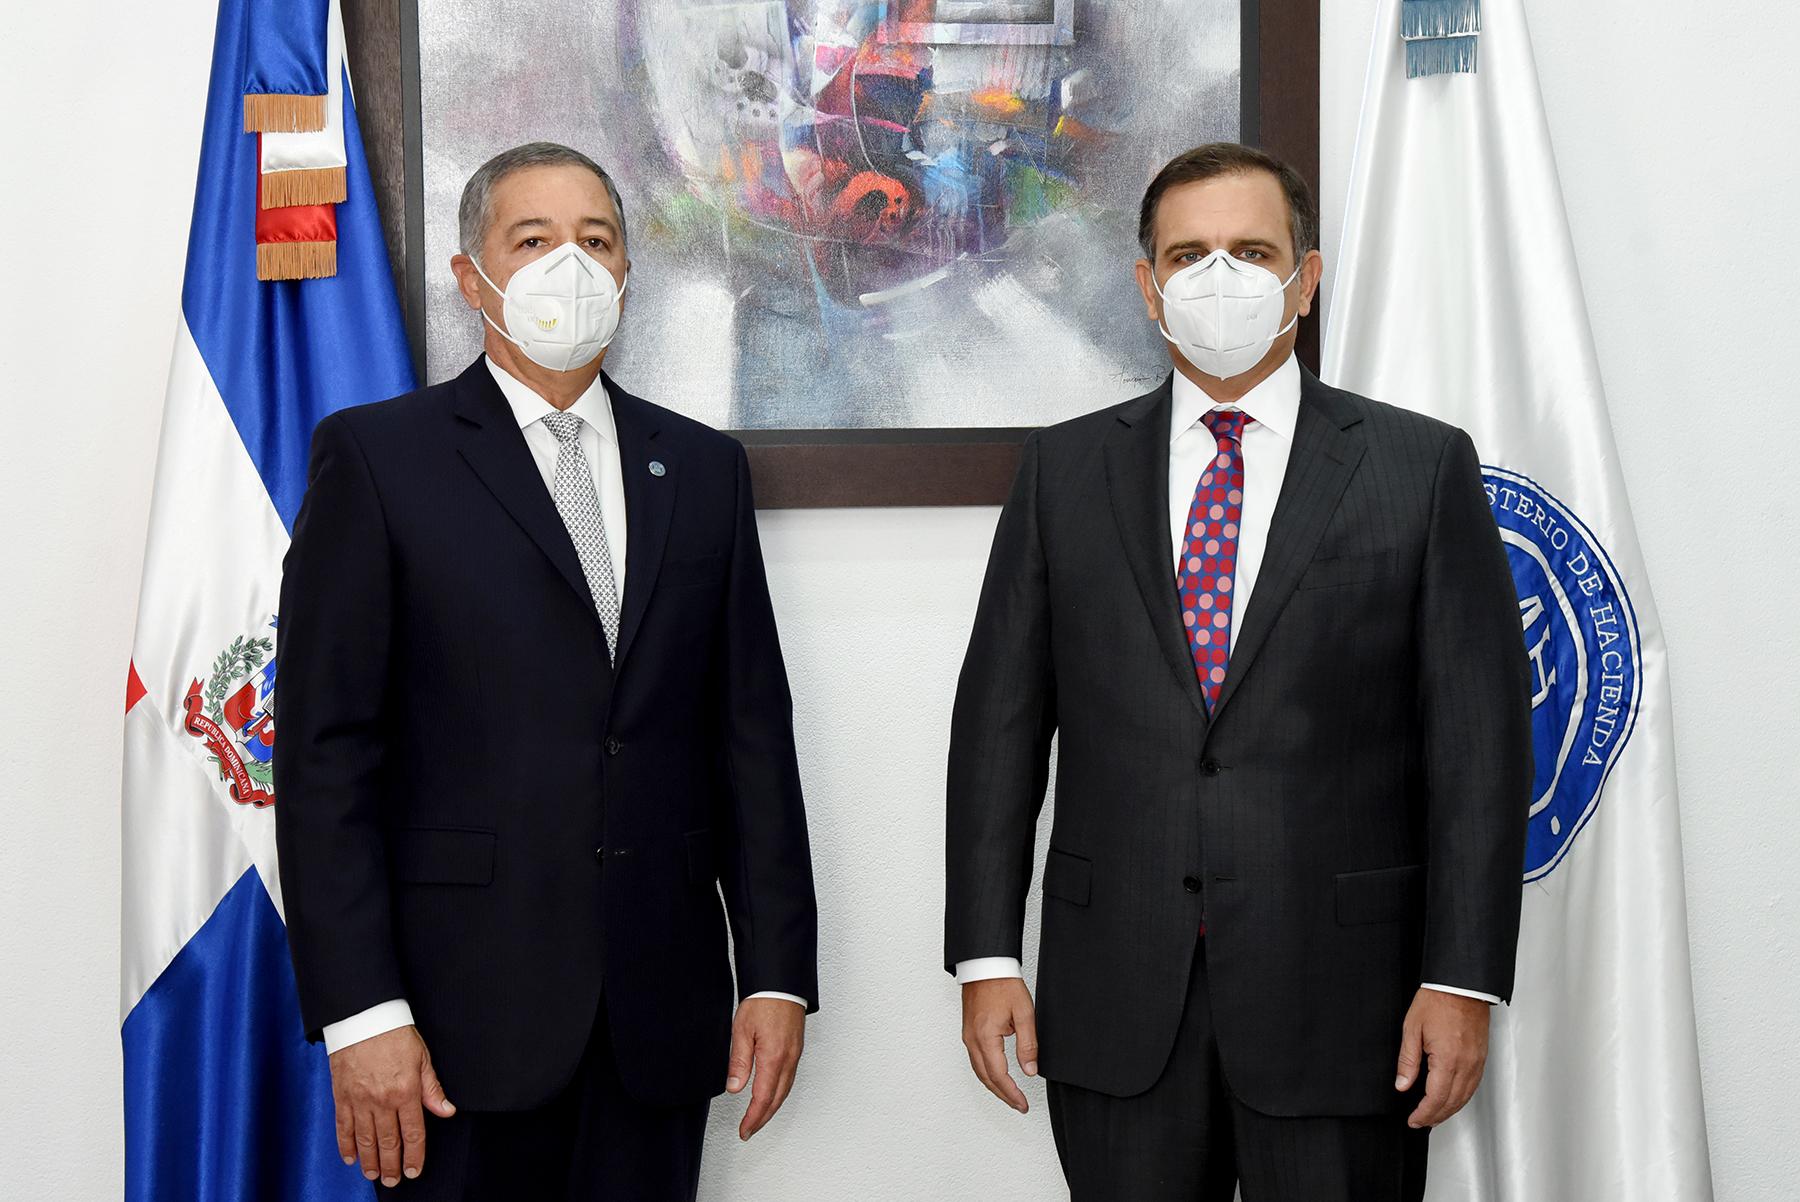 El ministro de Hacienda saliente, Donald Guerrero Ortiz, junto al nuevo ministro de Hacienda, José Manuel Vicente Dubocq